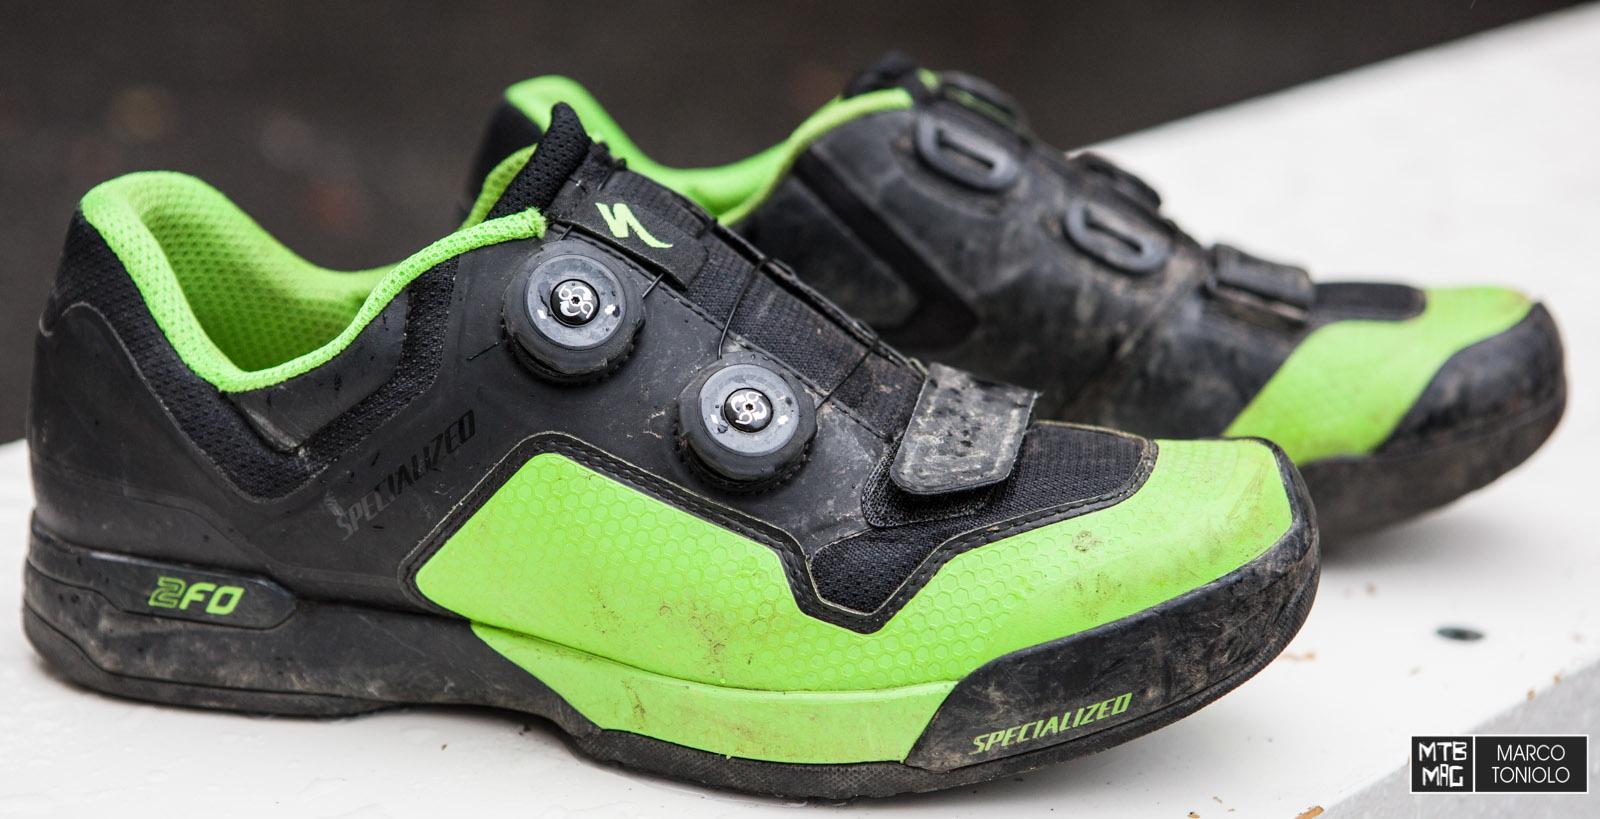 Non sarebbero scarpe Specialized se non fossero state progettate con il  Body Geometry in mente. In questo caso si è prestata molta attenzione ... dd59e9c9986